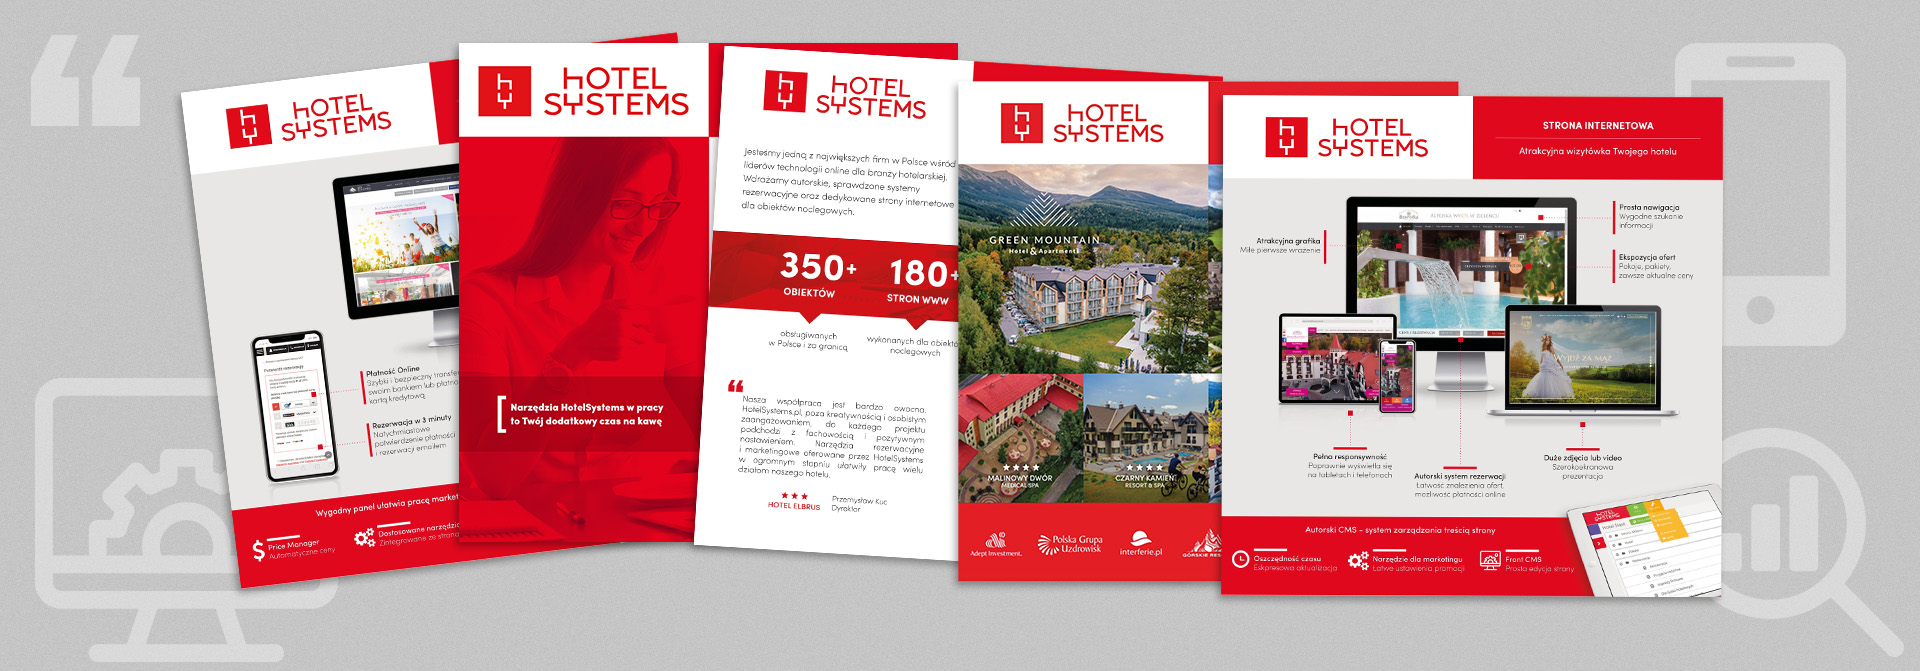 Custom Websites For Hotels